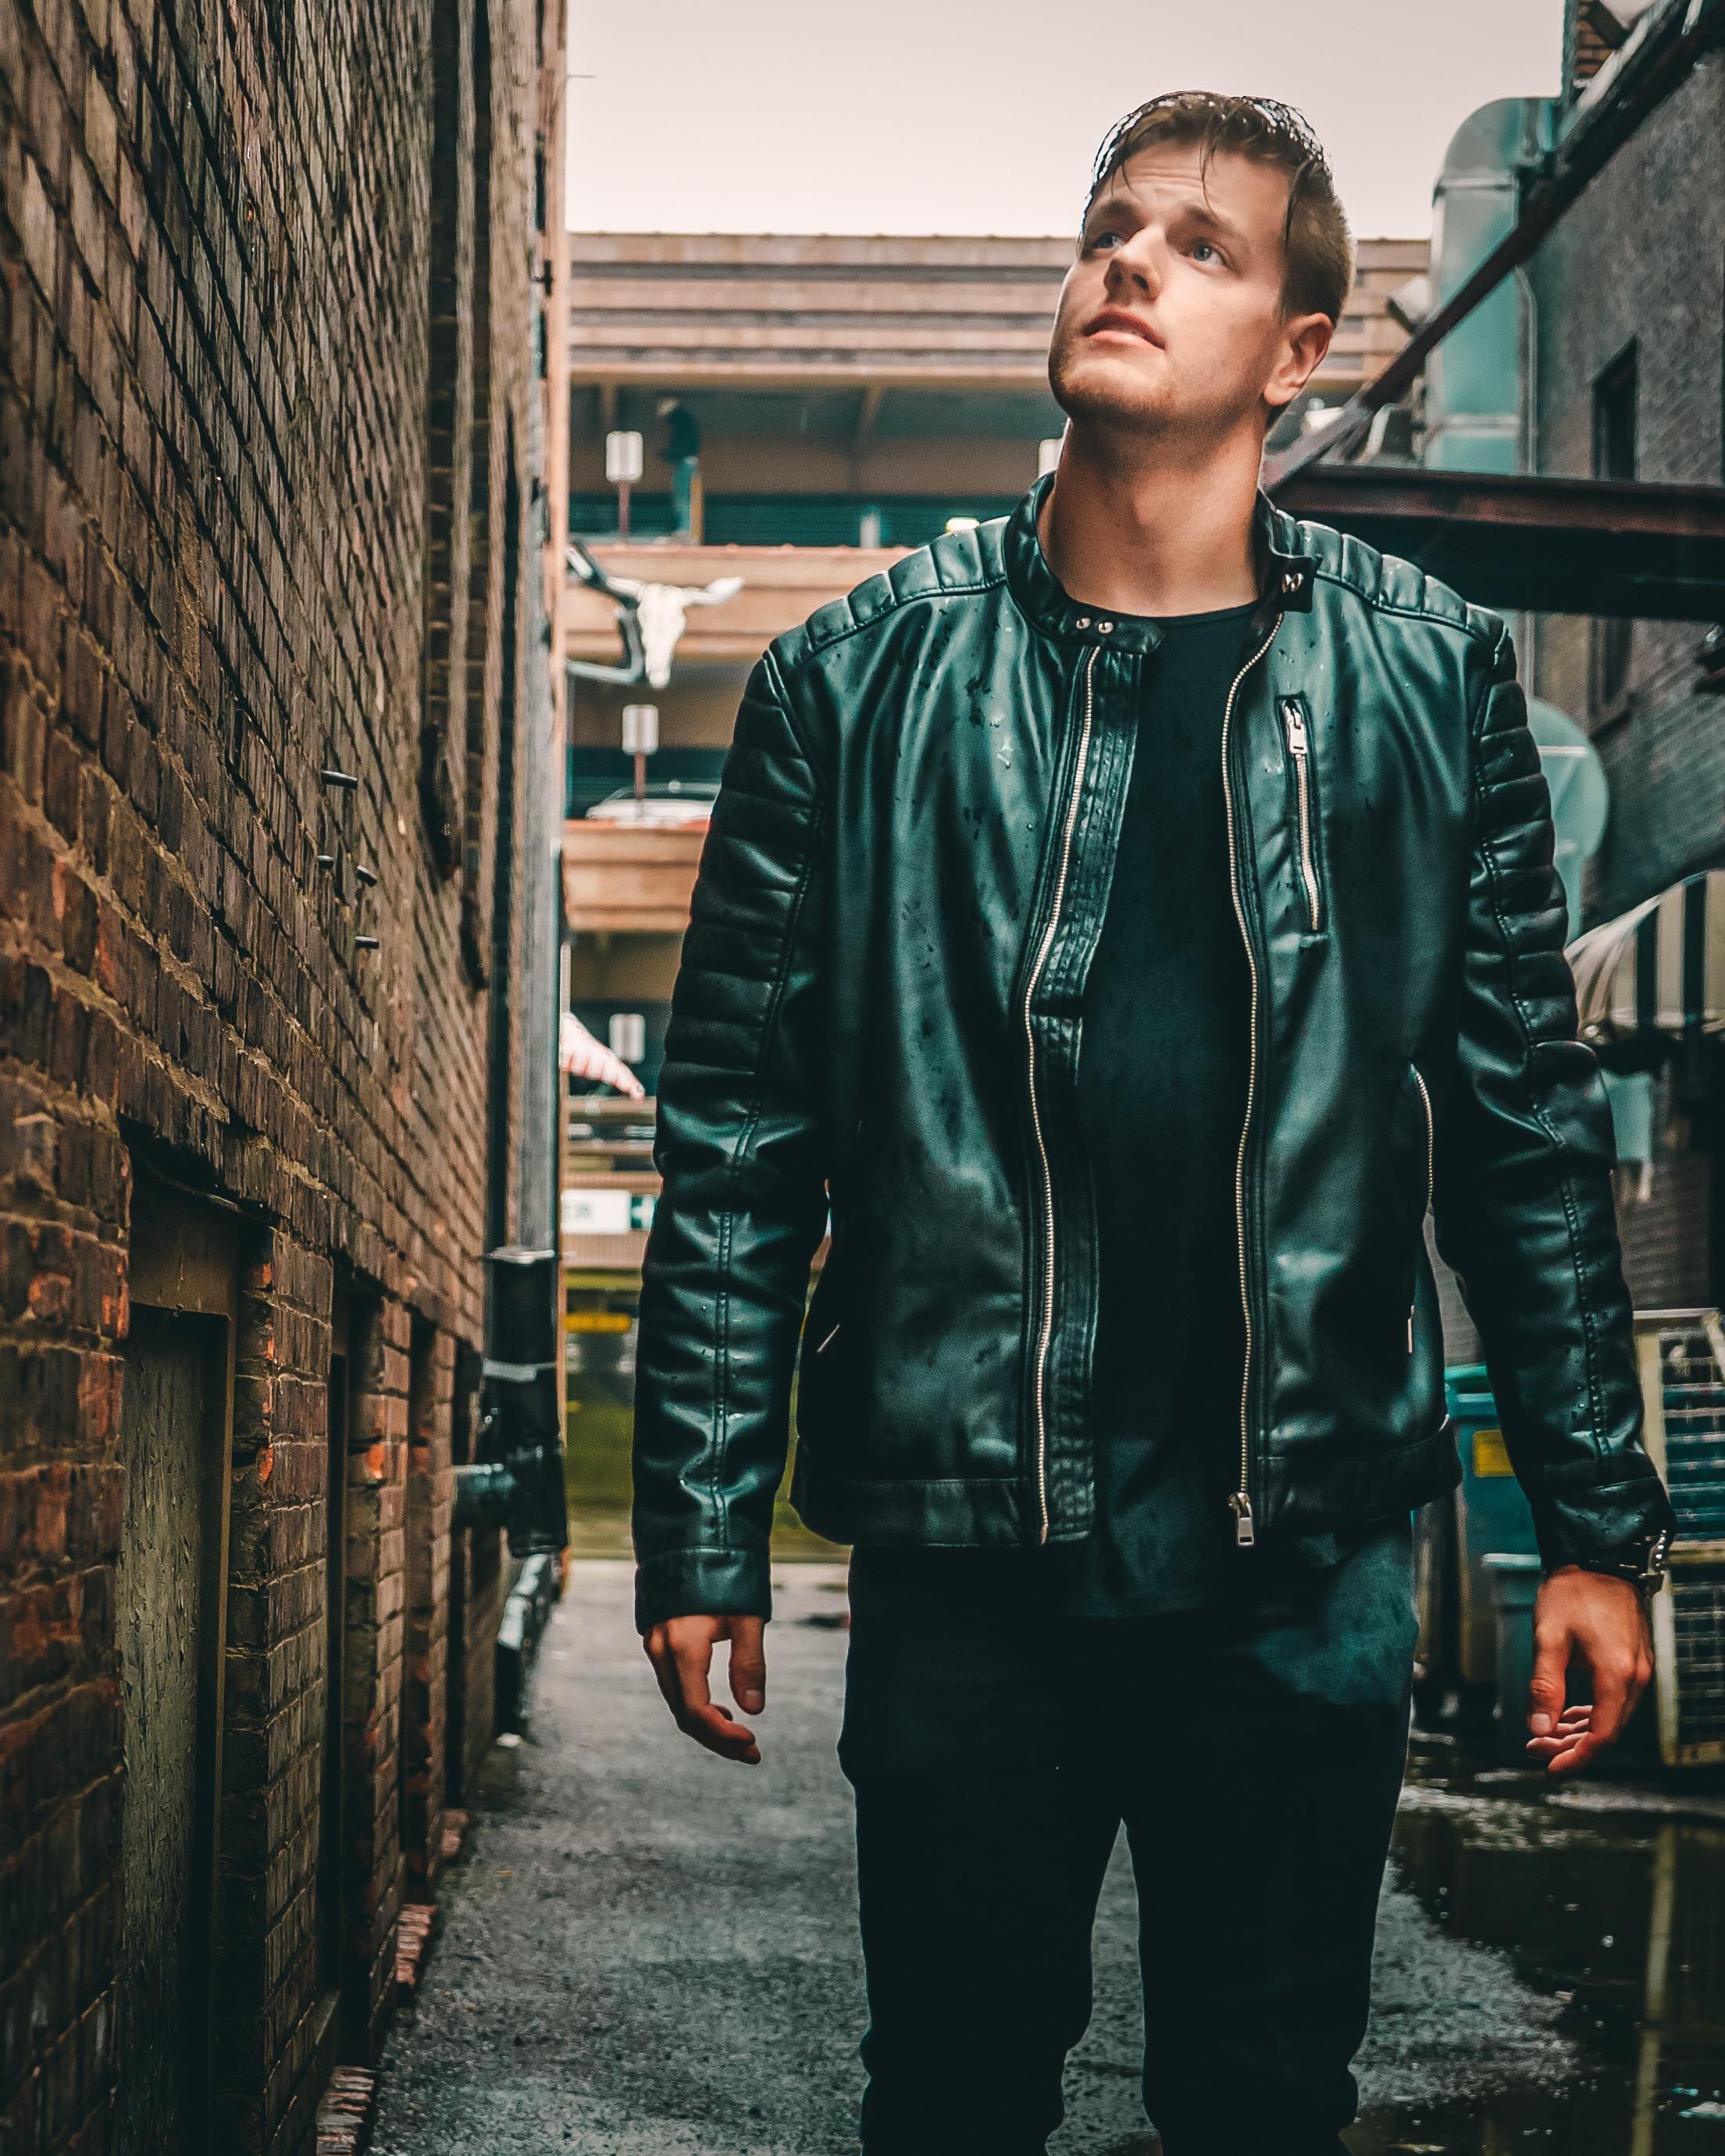 Ryan Snaadt